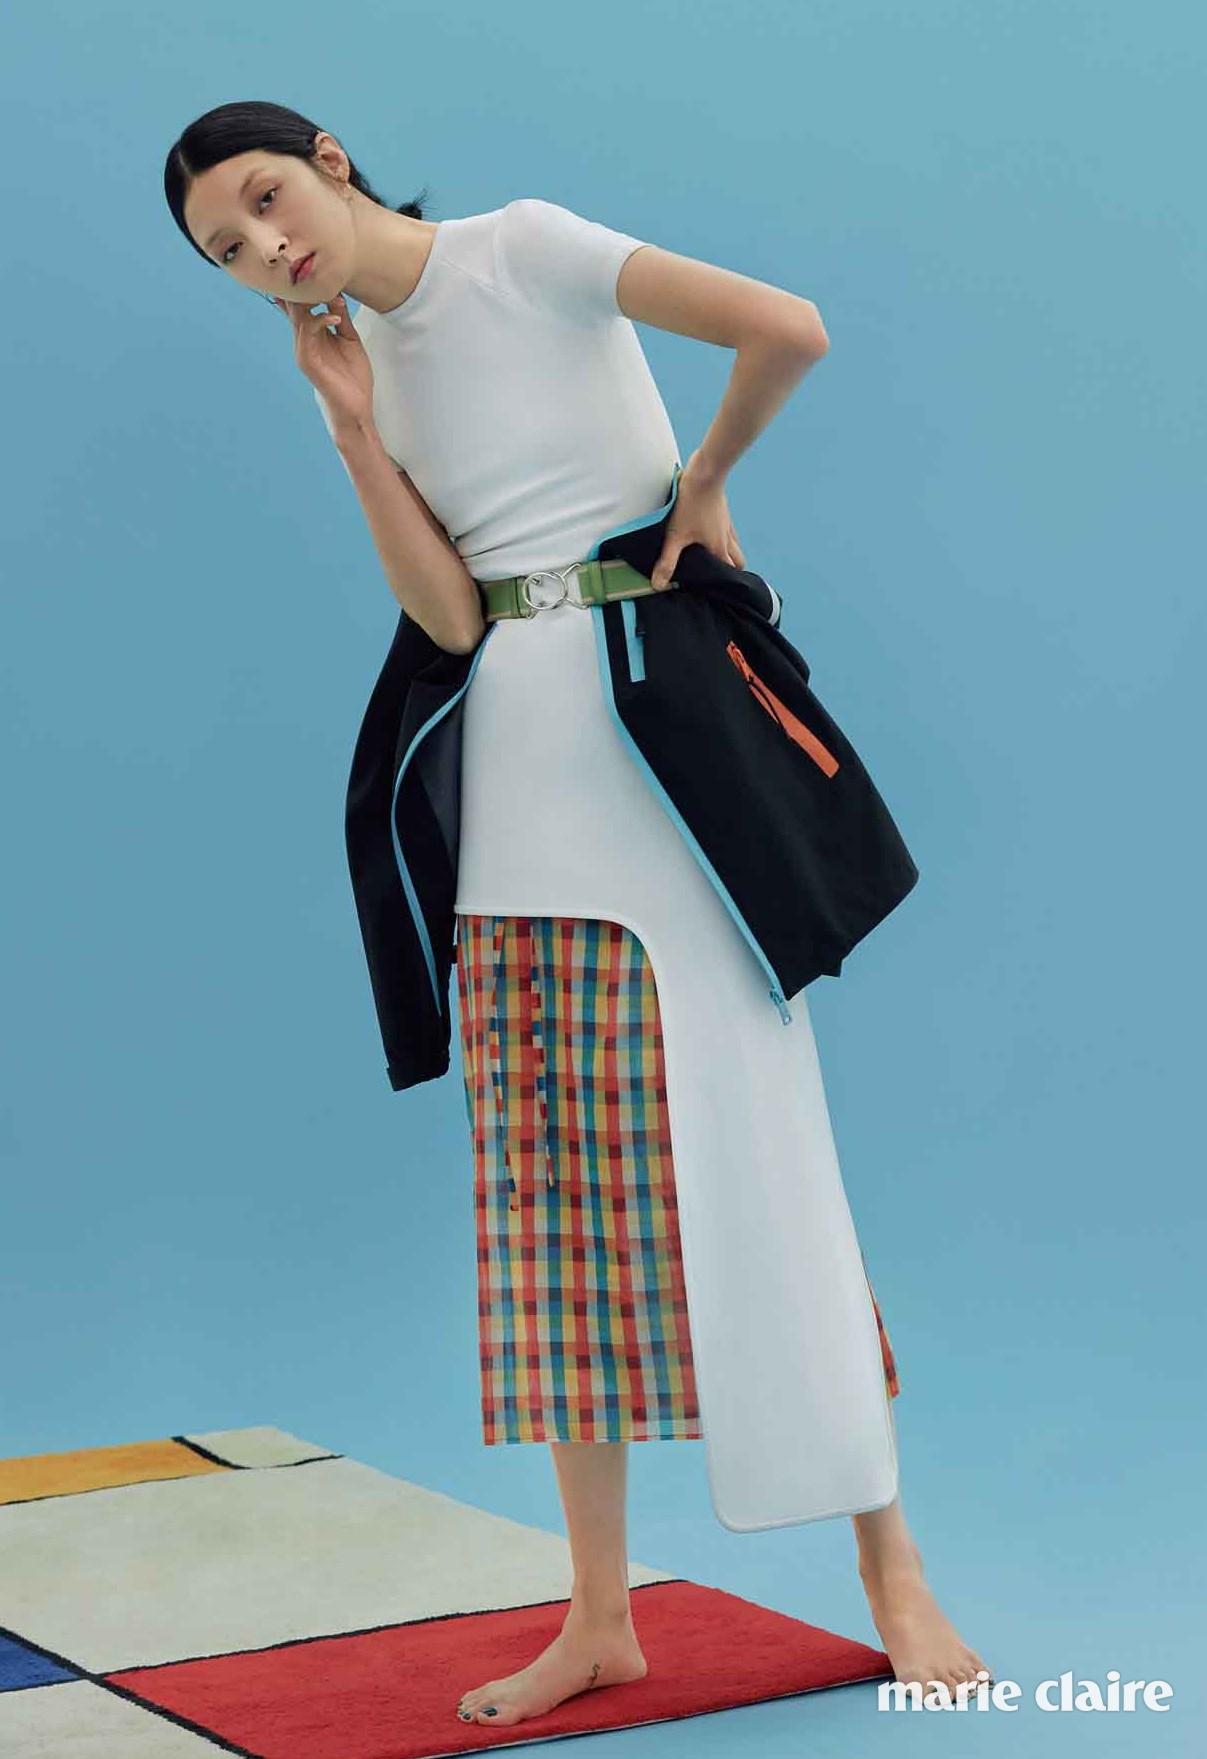 언밸런스한 실루엣의 화이트 드레스 가격 미정 루이 비통(Louis Vuitton), 색색의 체크 패턴 랩스커트 가격 미정 미우미우(Miu Miu), 허리에 묶은 블랙 재킷, 밴딩 벨트 모두 가격 미정 프라다(Prada).